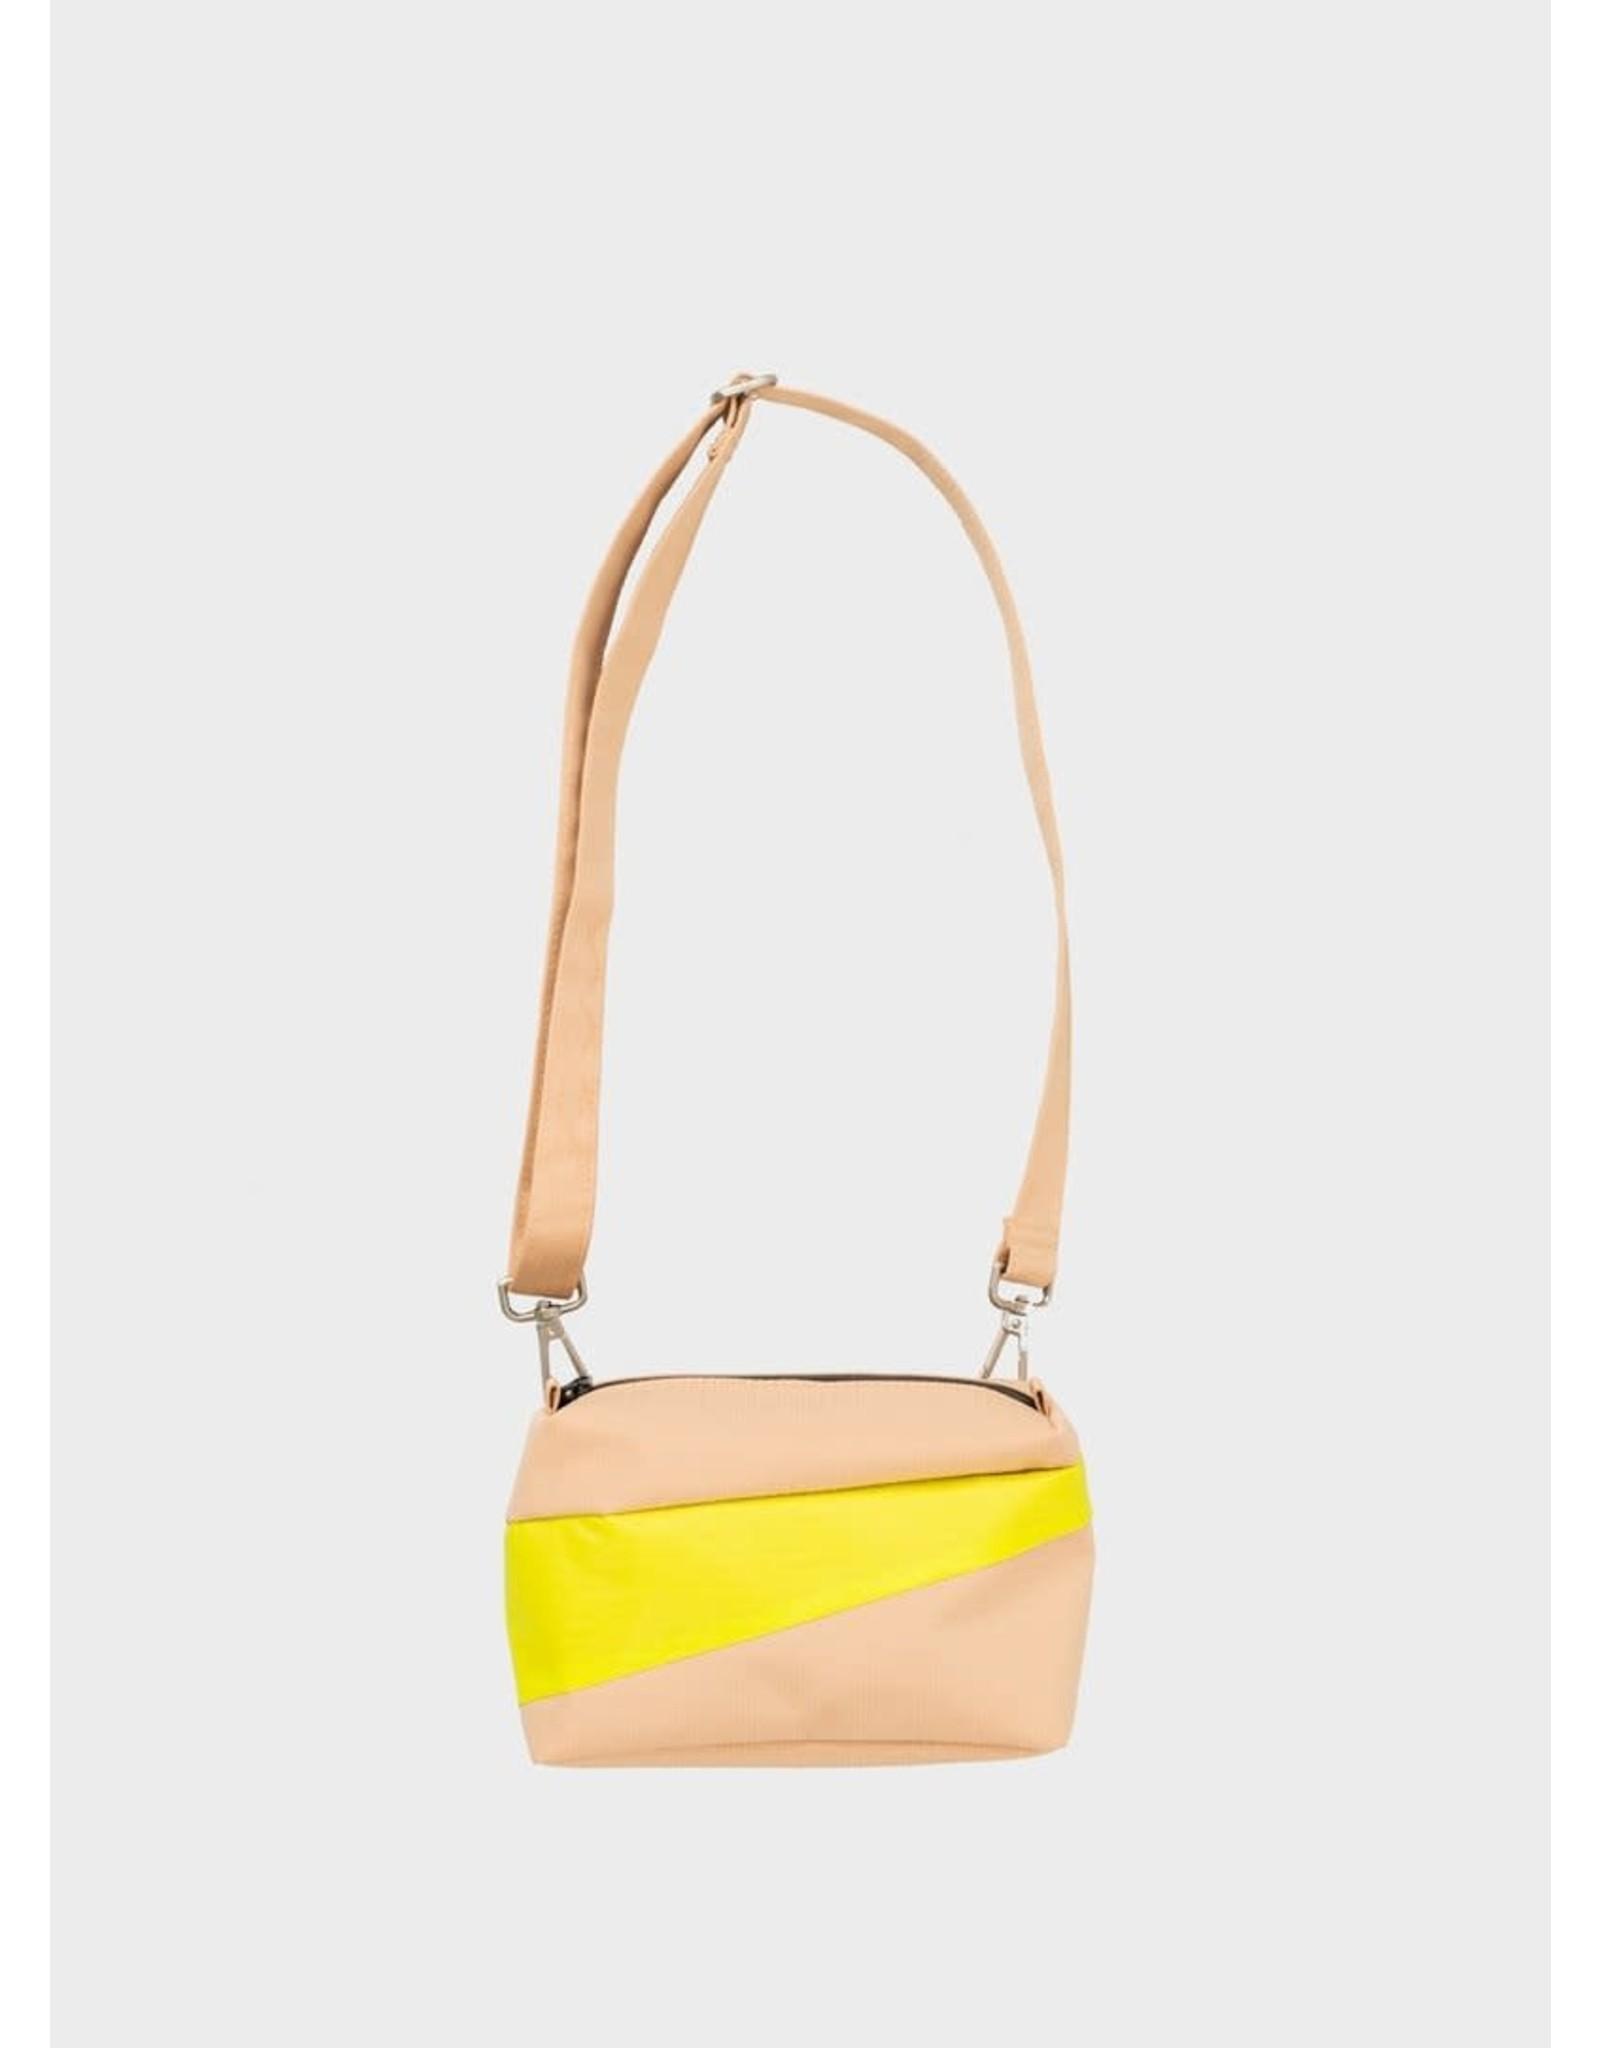 Susan Bijl Bum Bag S, Select & Fluo yellow- 13 x 18,5 x 6,5